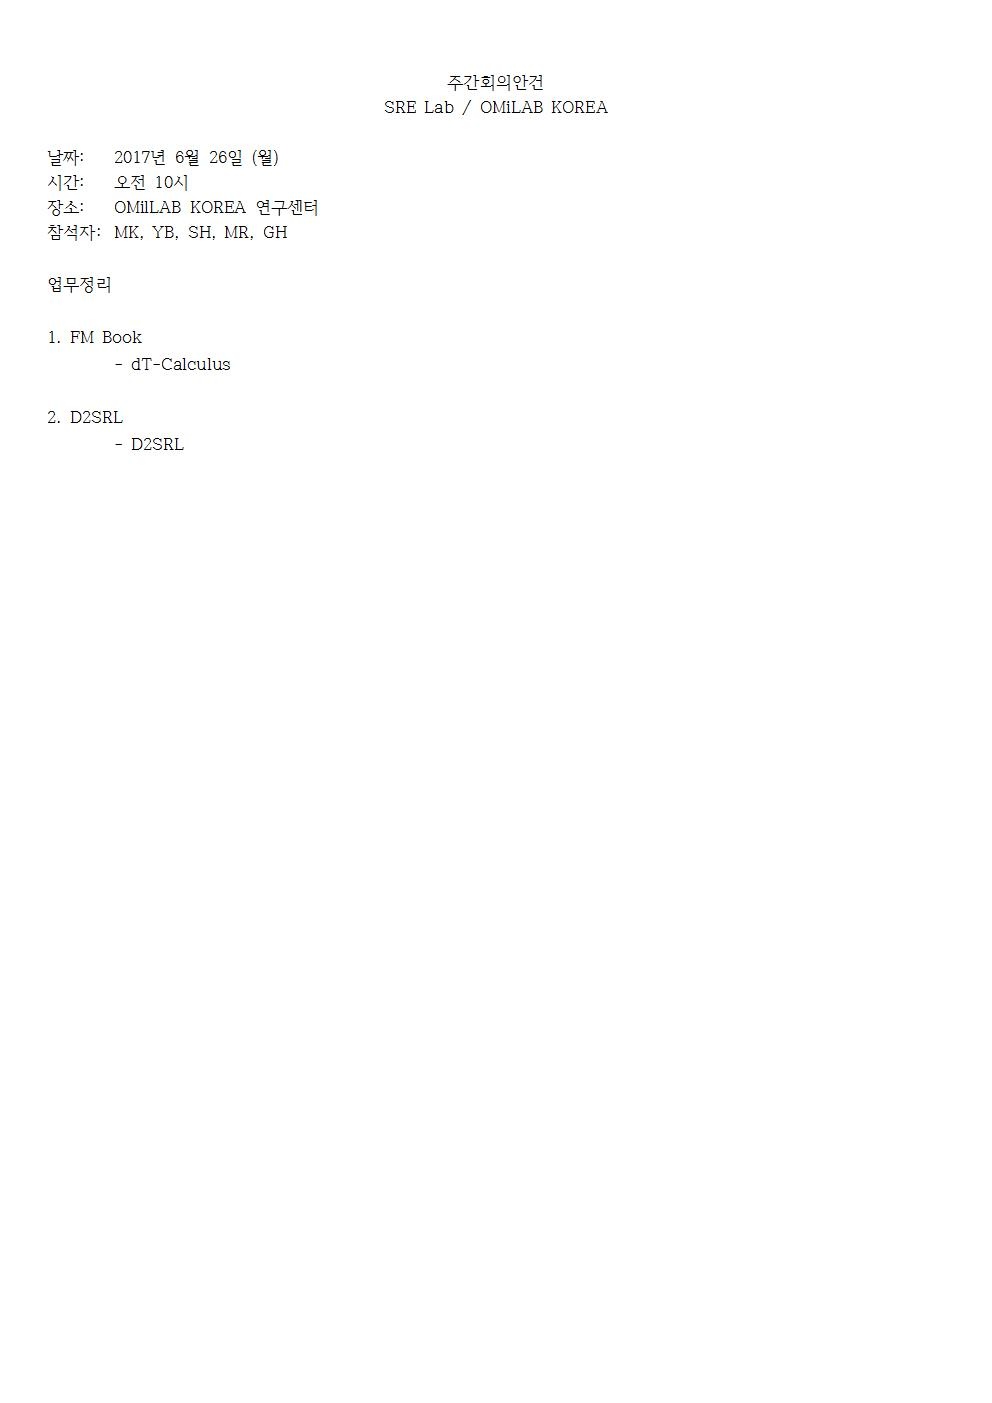 1-월-2017-06-26-PLAN(SH)001.jpg